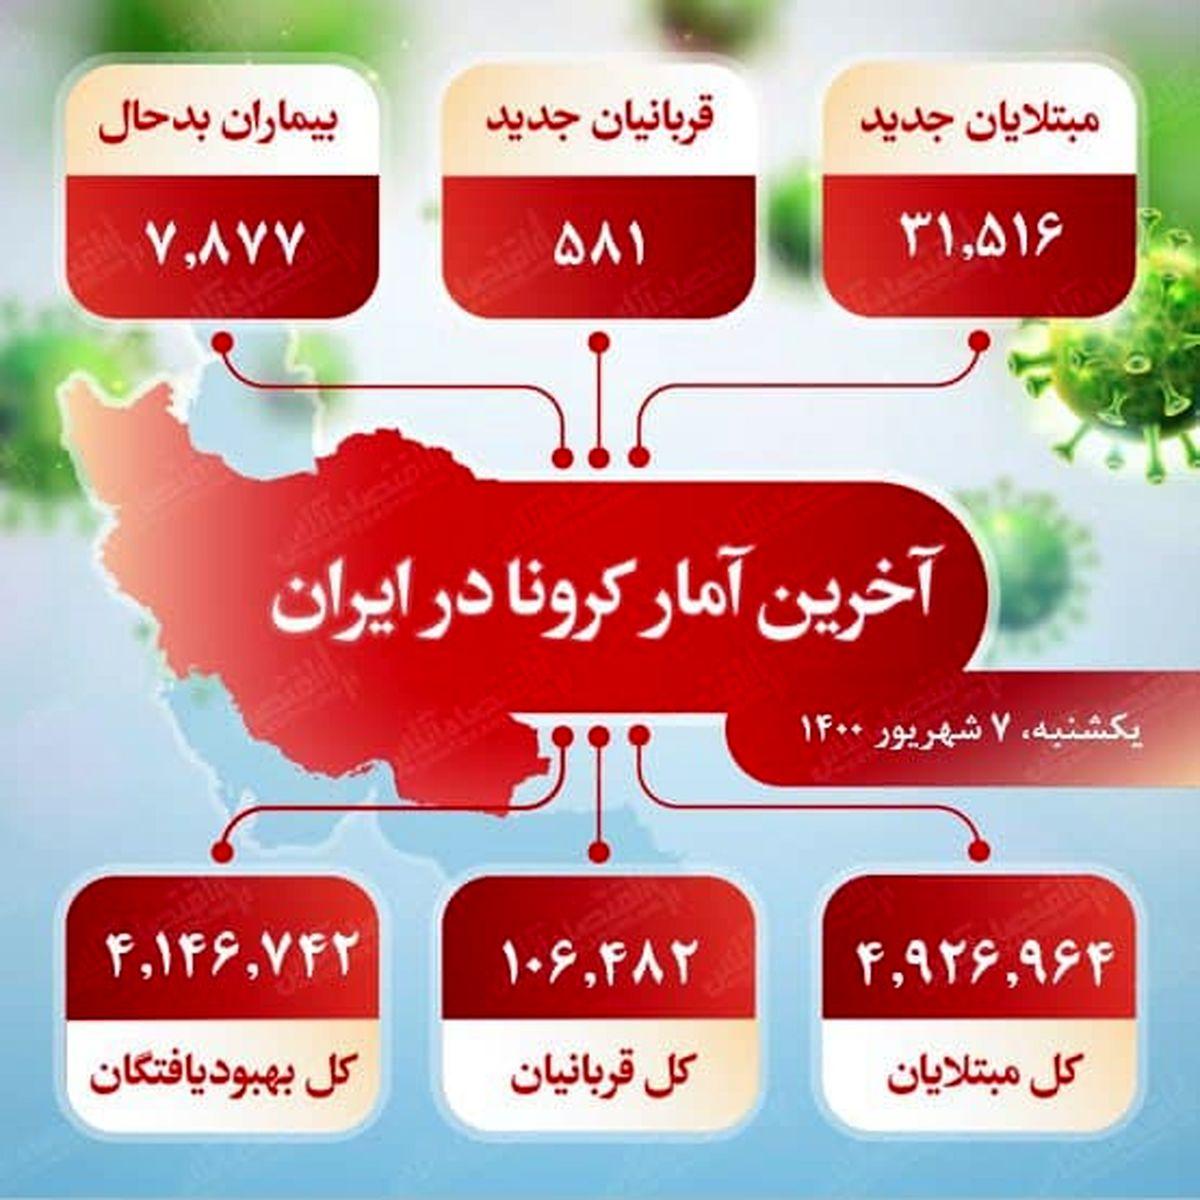 آخرین آمار کرونا در ایران (۱۴۰۰/۶/۷)